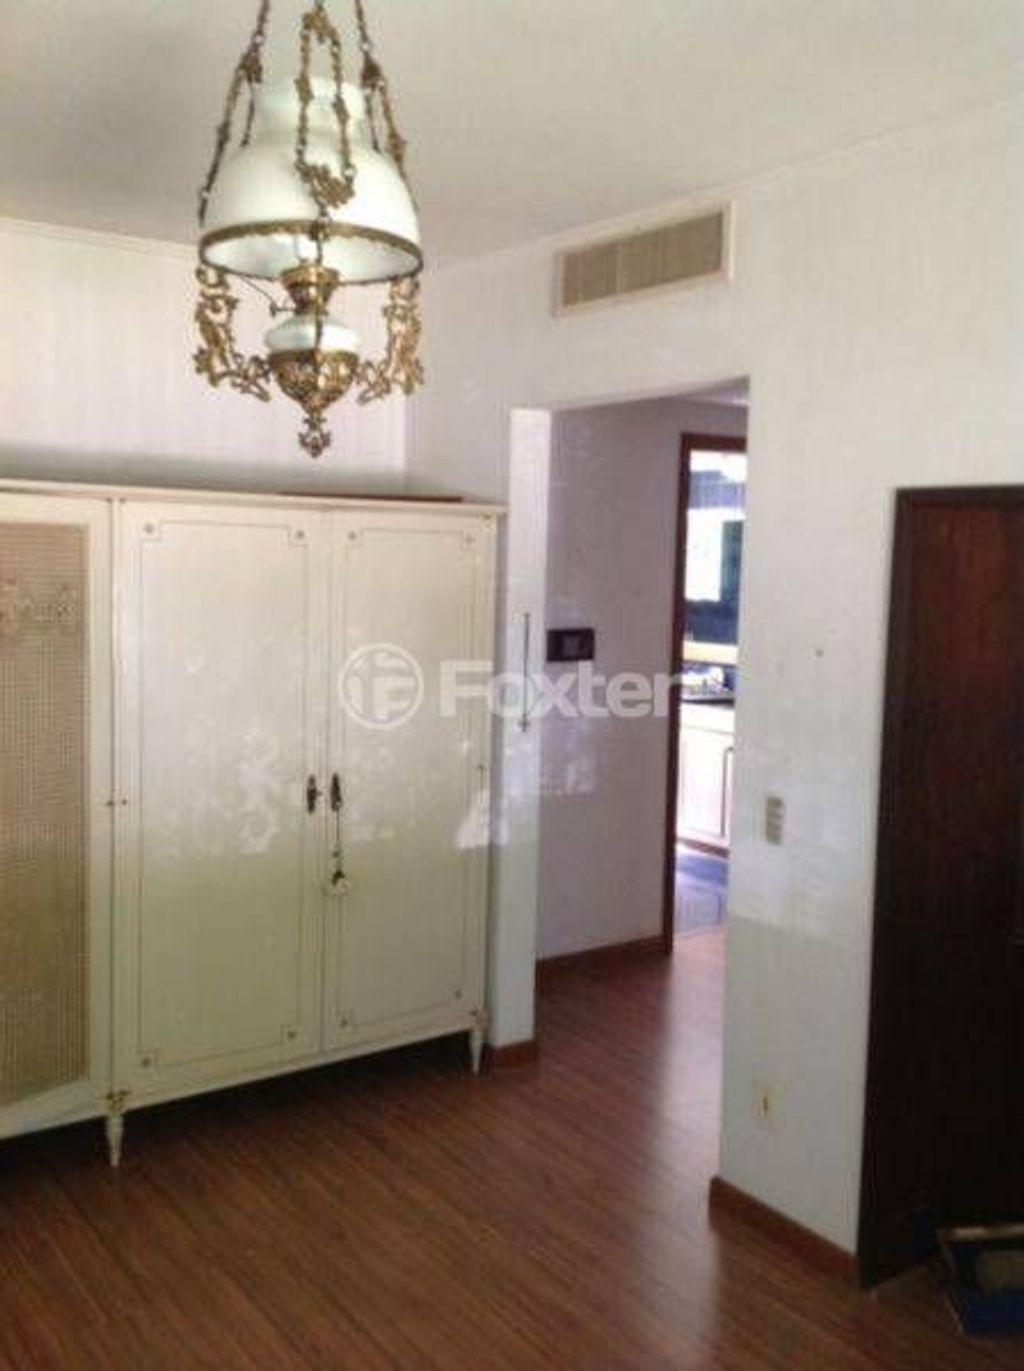 Foxter Imobiliária - Casa 4 Dorm, Petrópolis - Foto 7